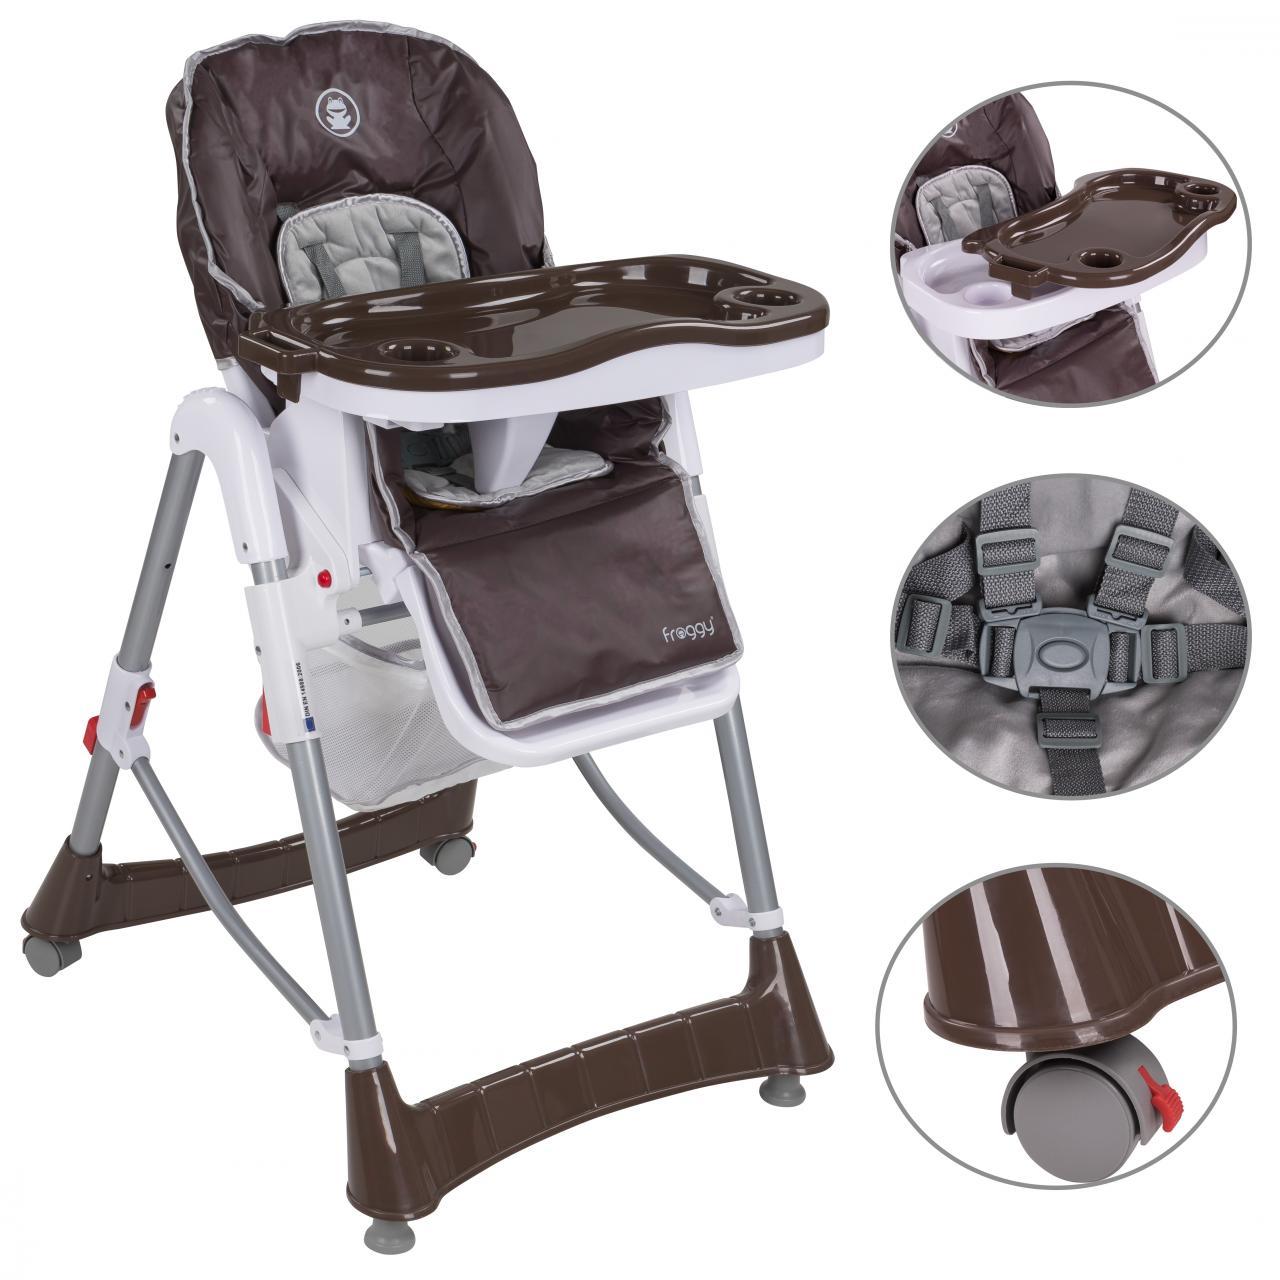 kinderhochstuhl babyhochstuhl treppenhochstuhl kinderstuhl babystuhl hochstuhl ebay. Black Bedroom Furniture Sets. Home Design Ideas